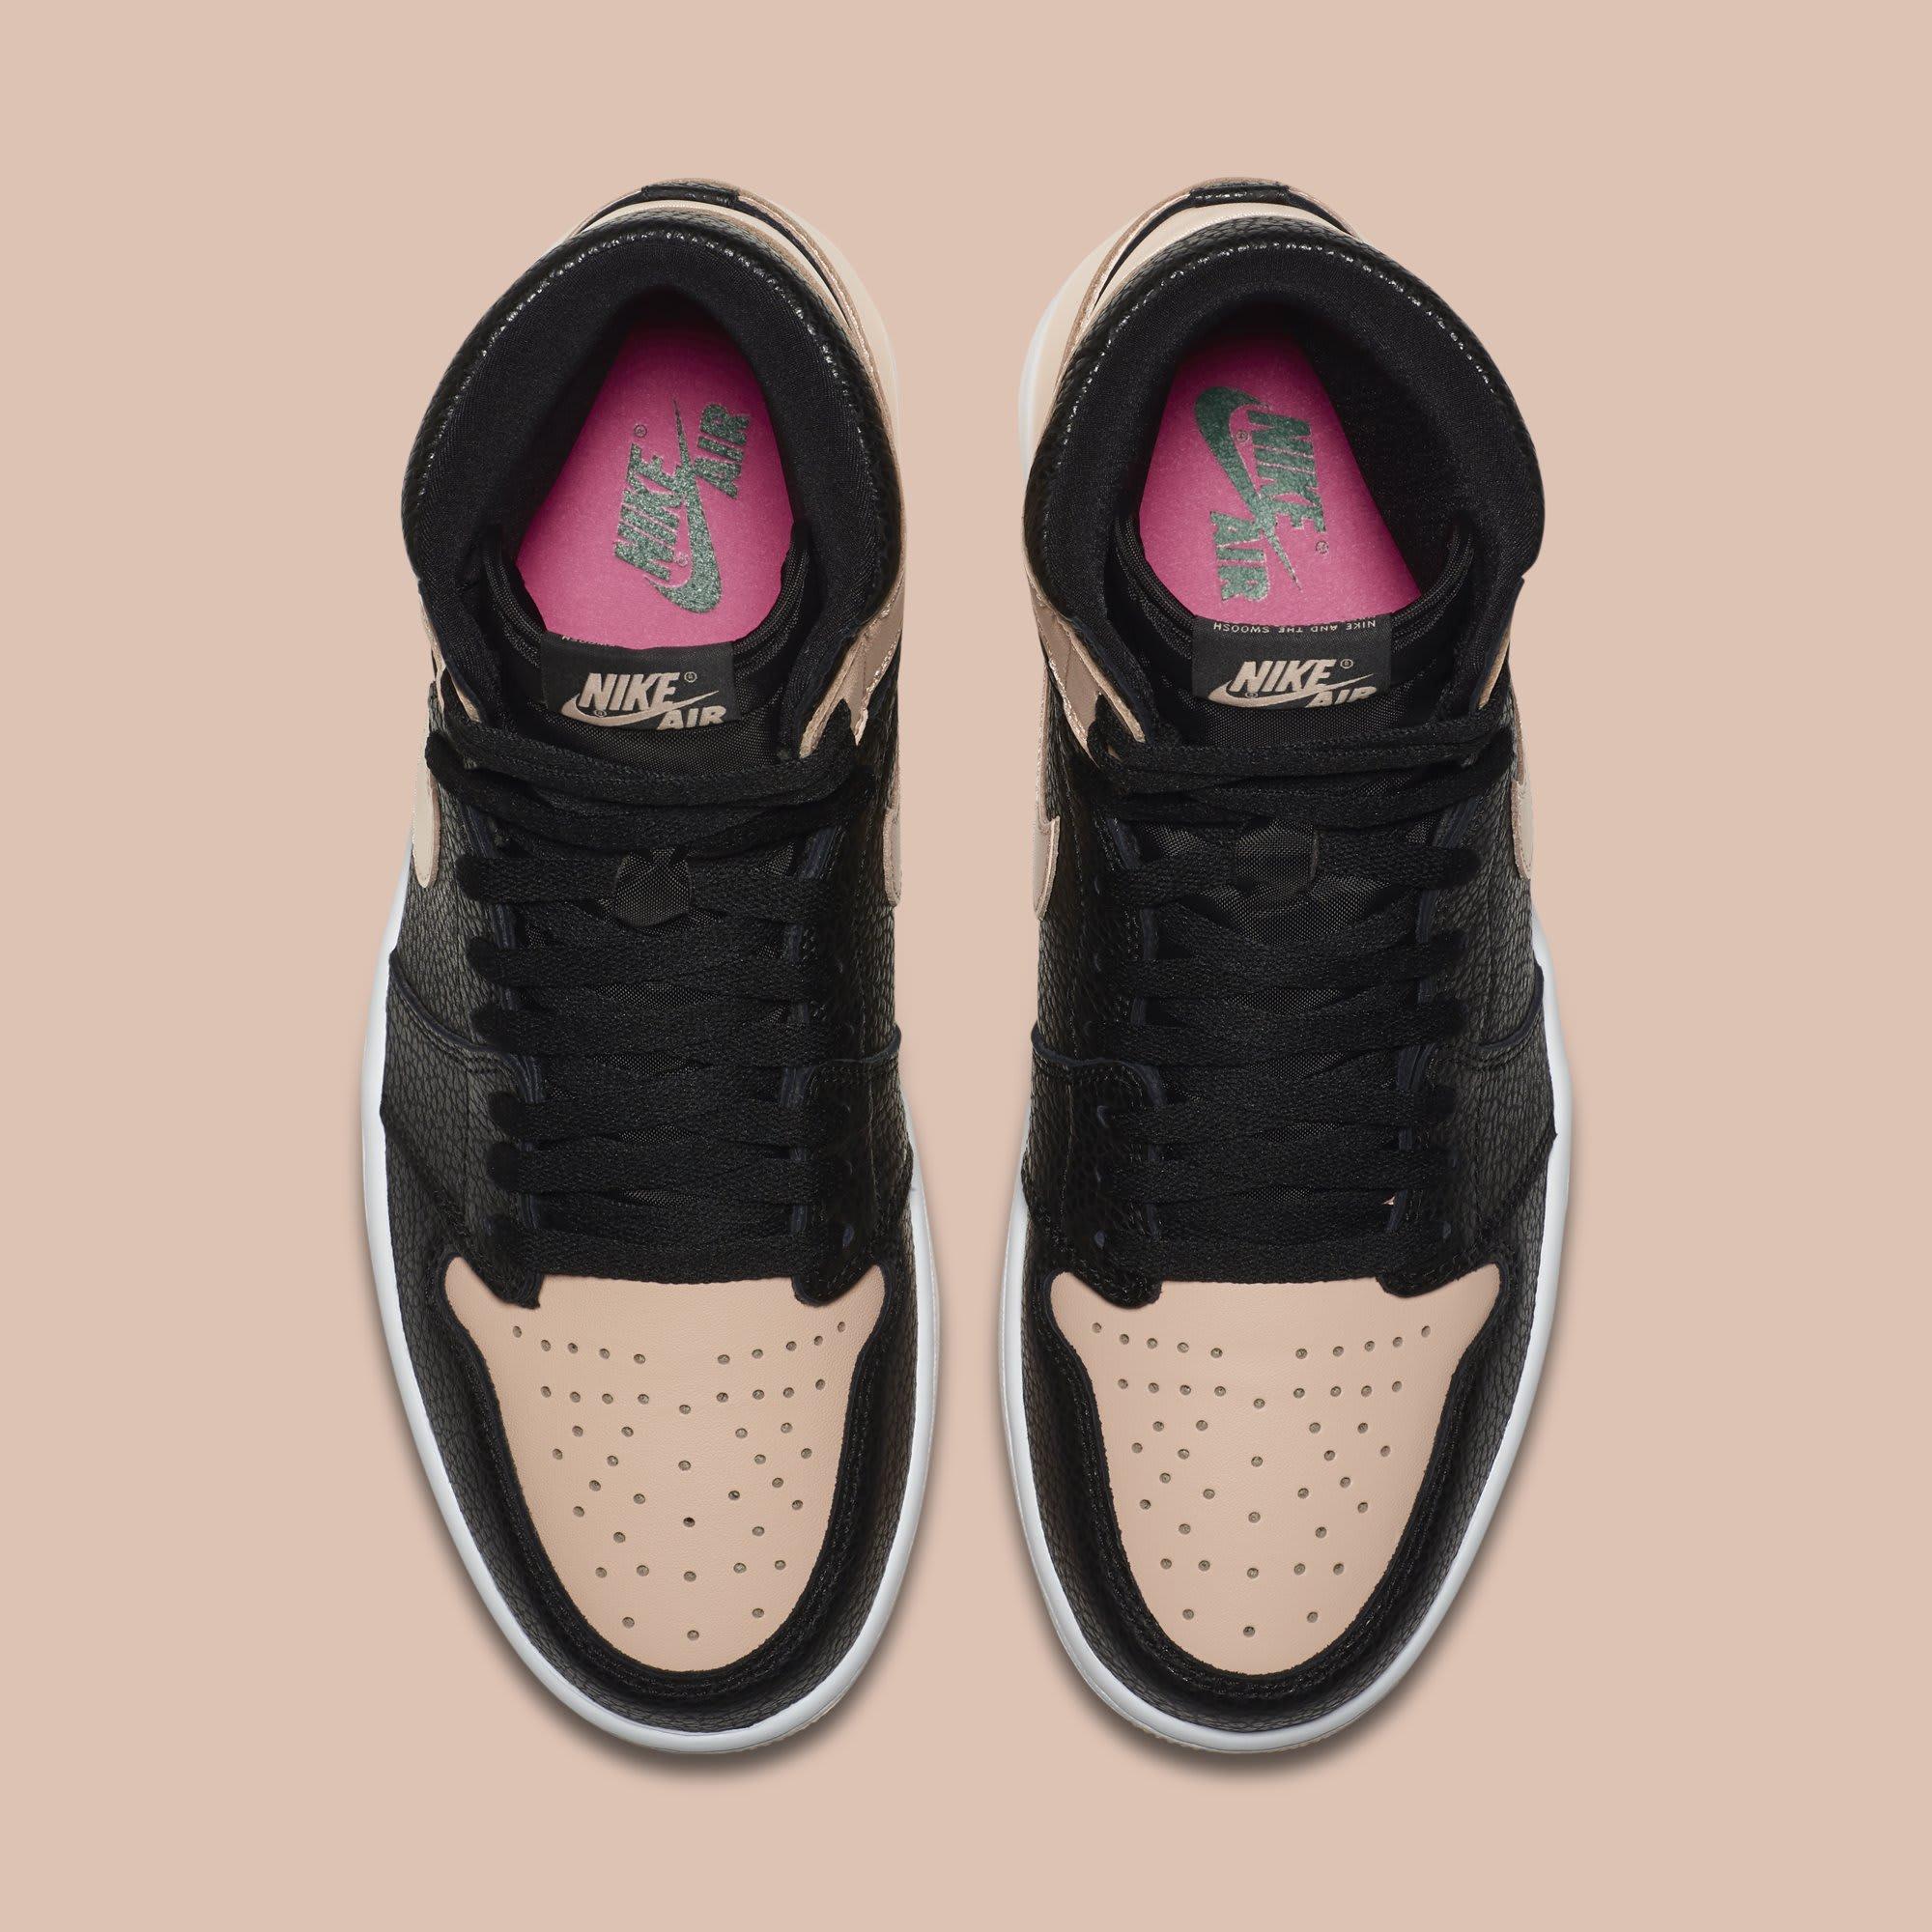 watch 01a0f ba961 Image via Nike Air Jordan 1  Crimson Tint  555088-081 (Top)